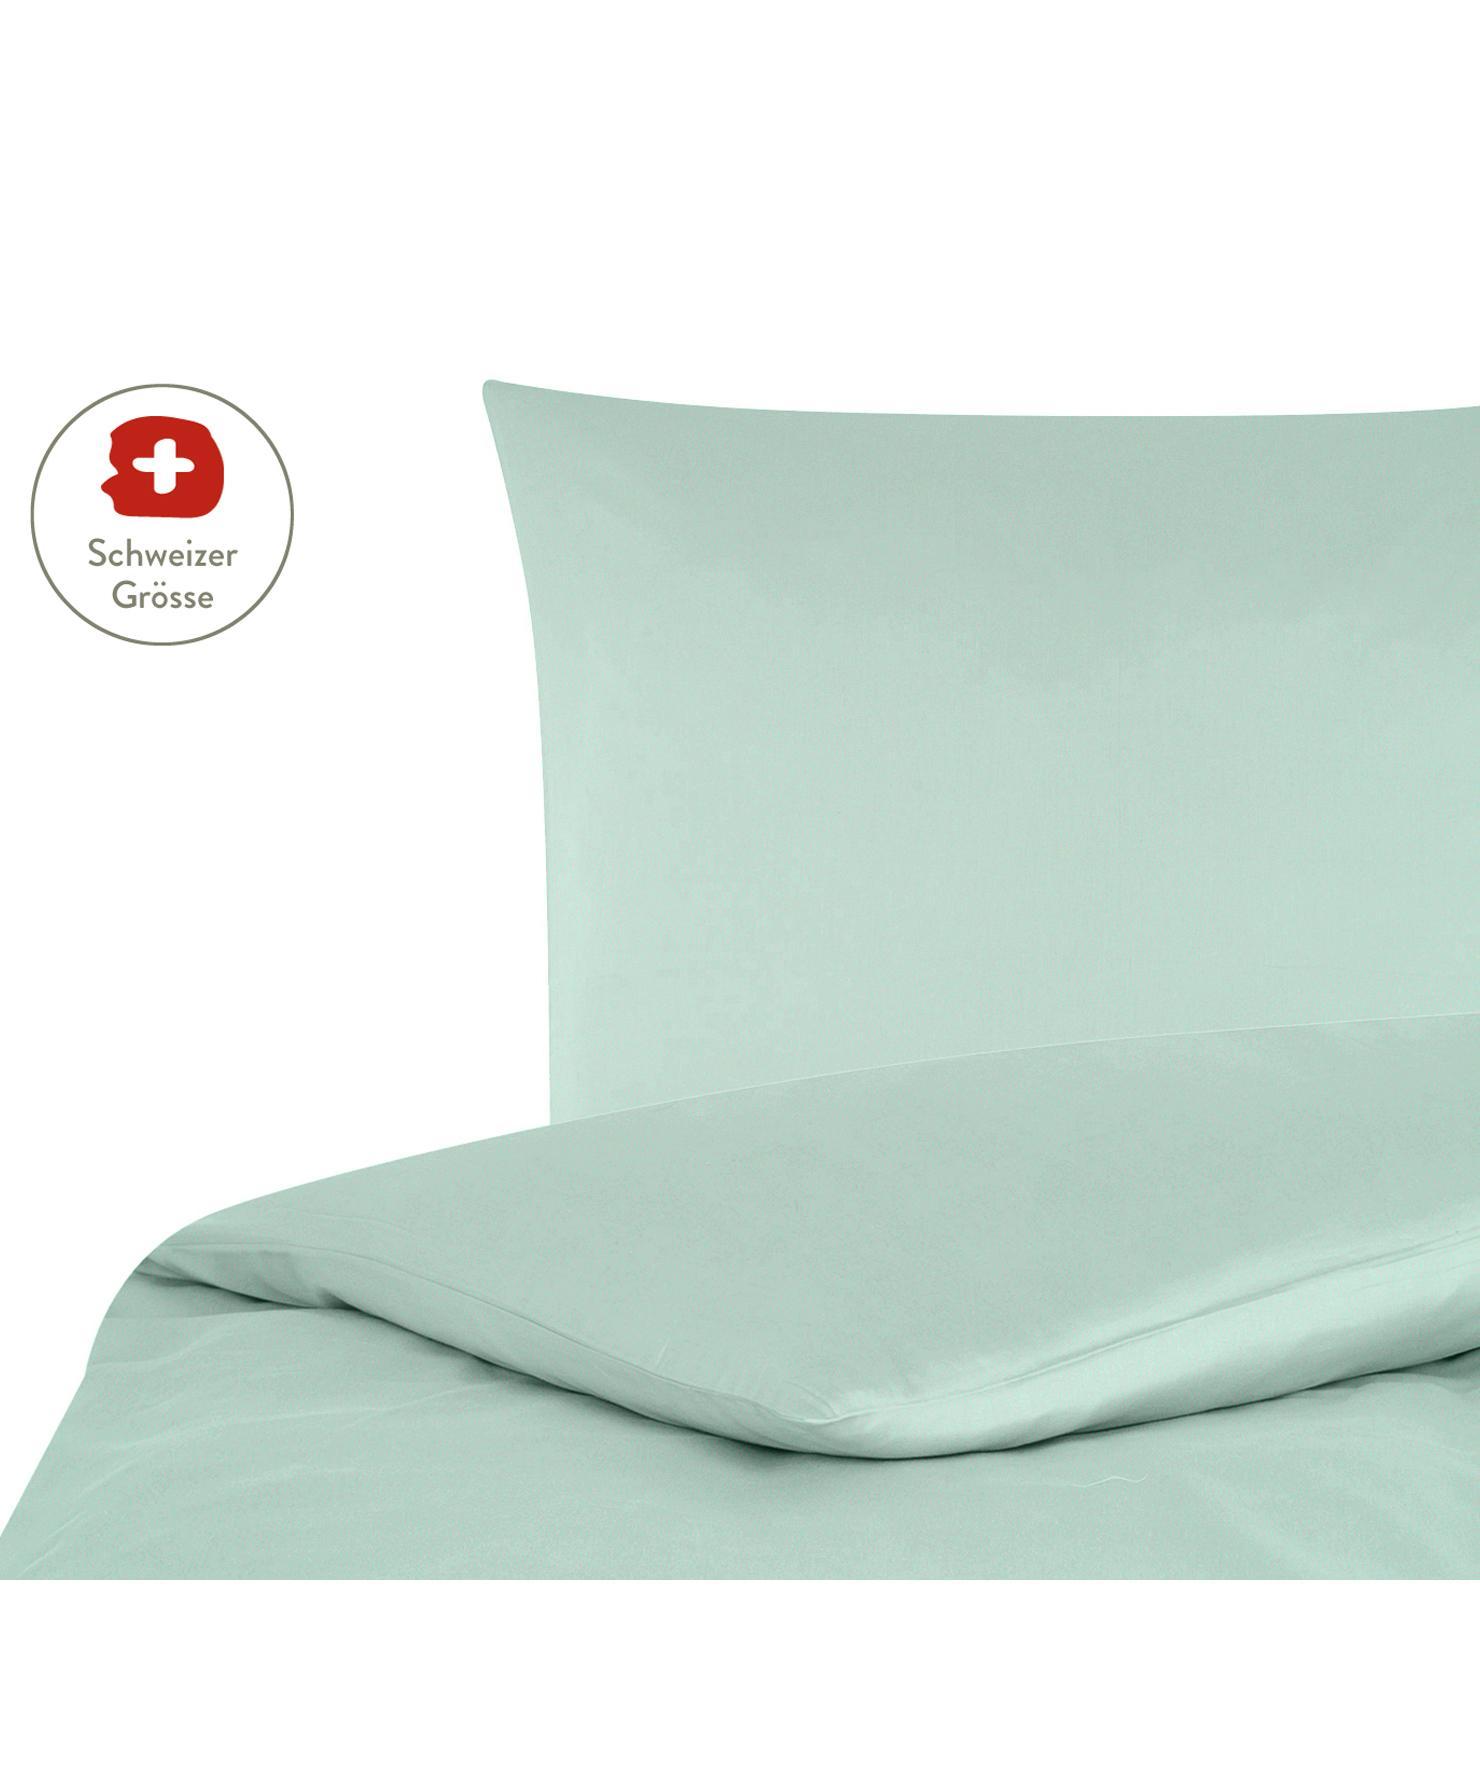 Baumwollsatin-Bettdeckenbezug Comfort in Salbeigrün, Webart: Satin, leicht glänzend Fa, Salbeigrün, 160 x 210 cm